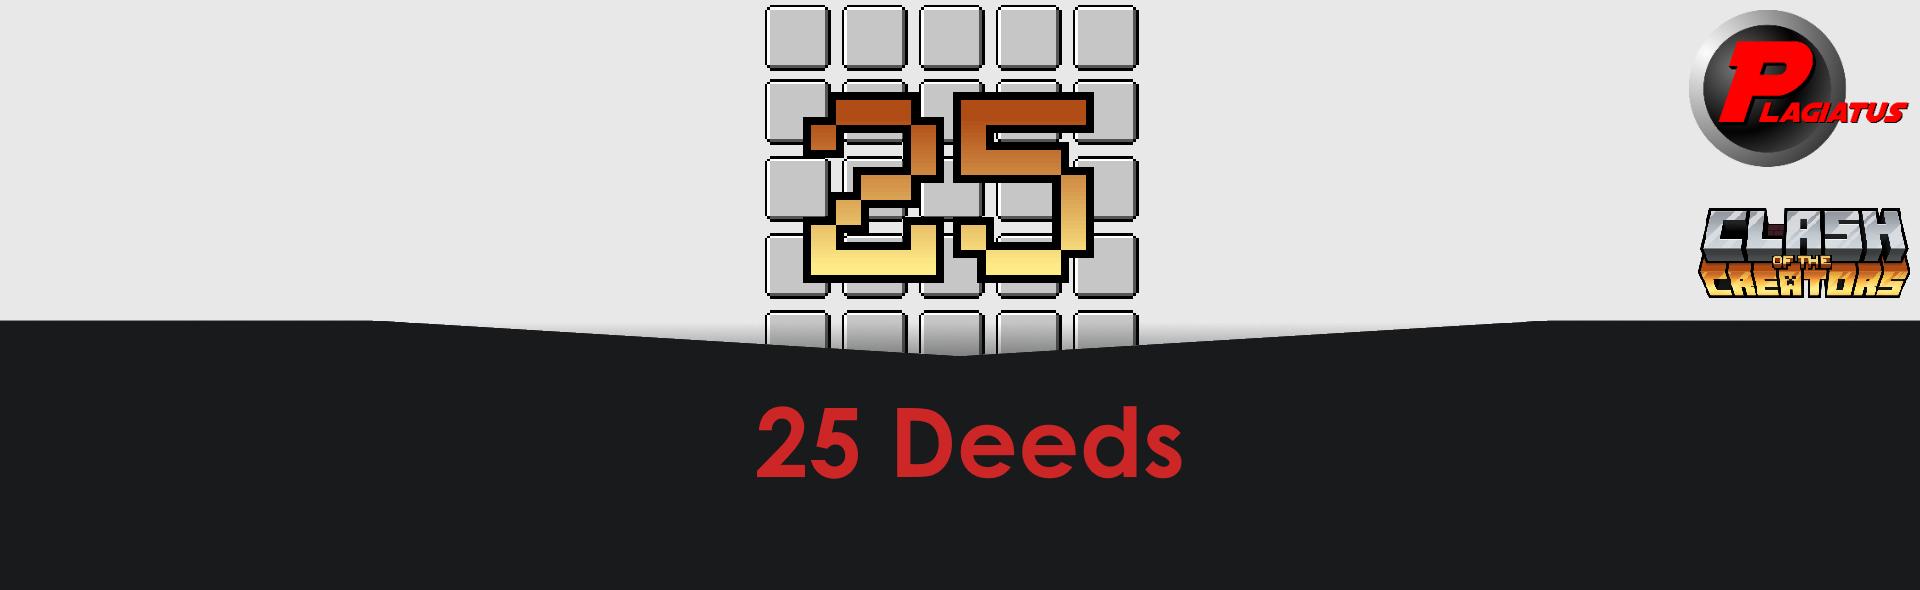 25 deeds Banner